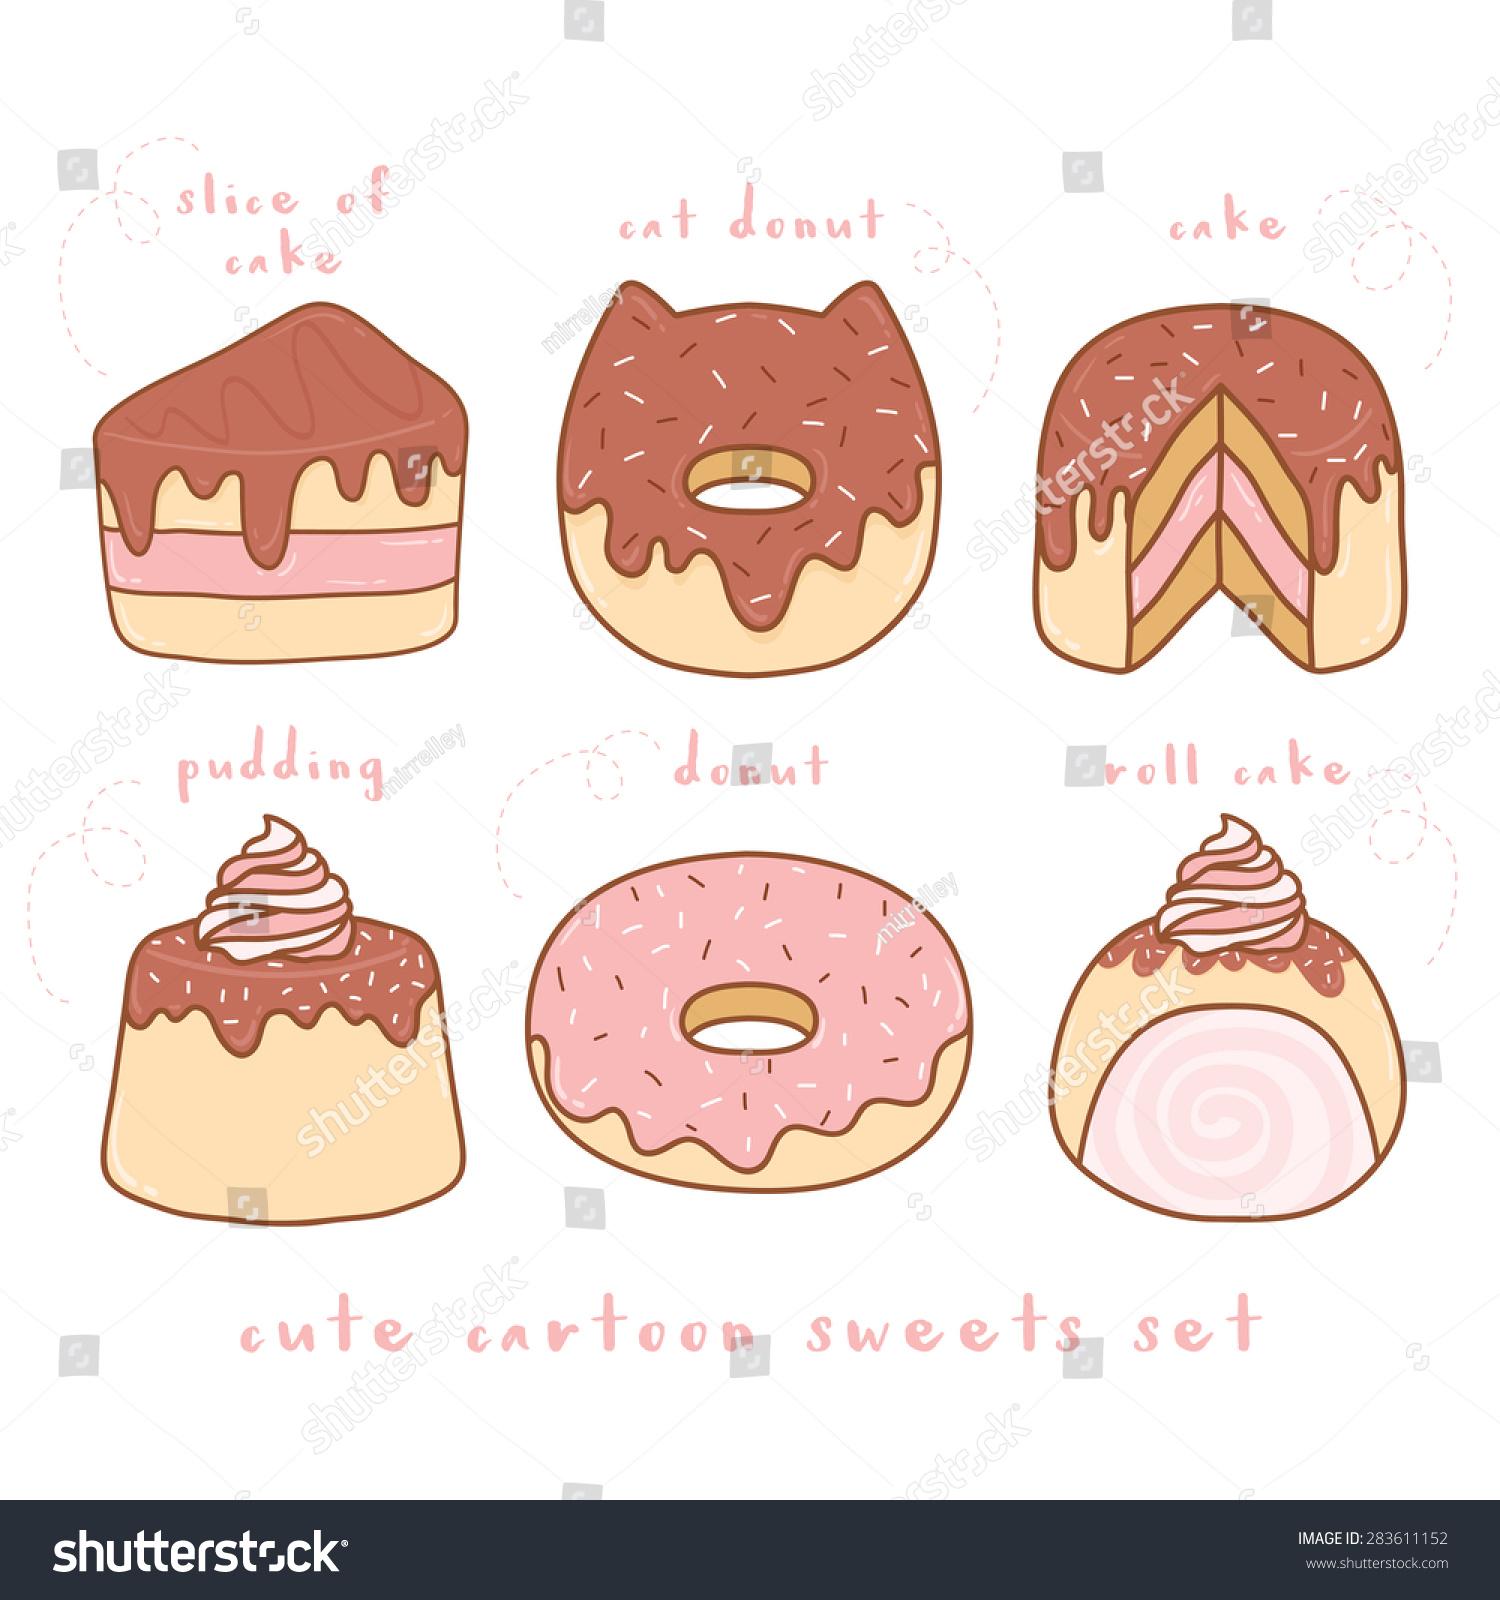 Cute Sweets Cartoon Drawings